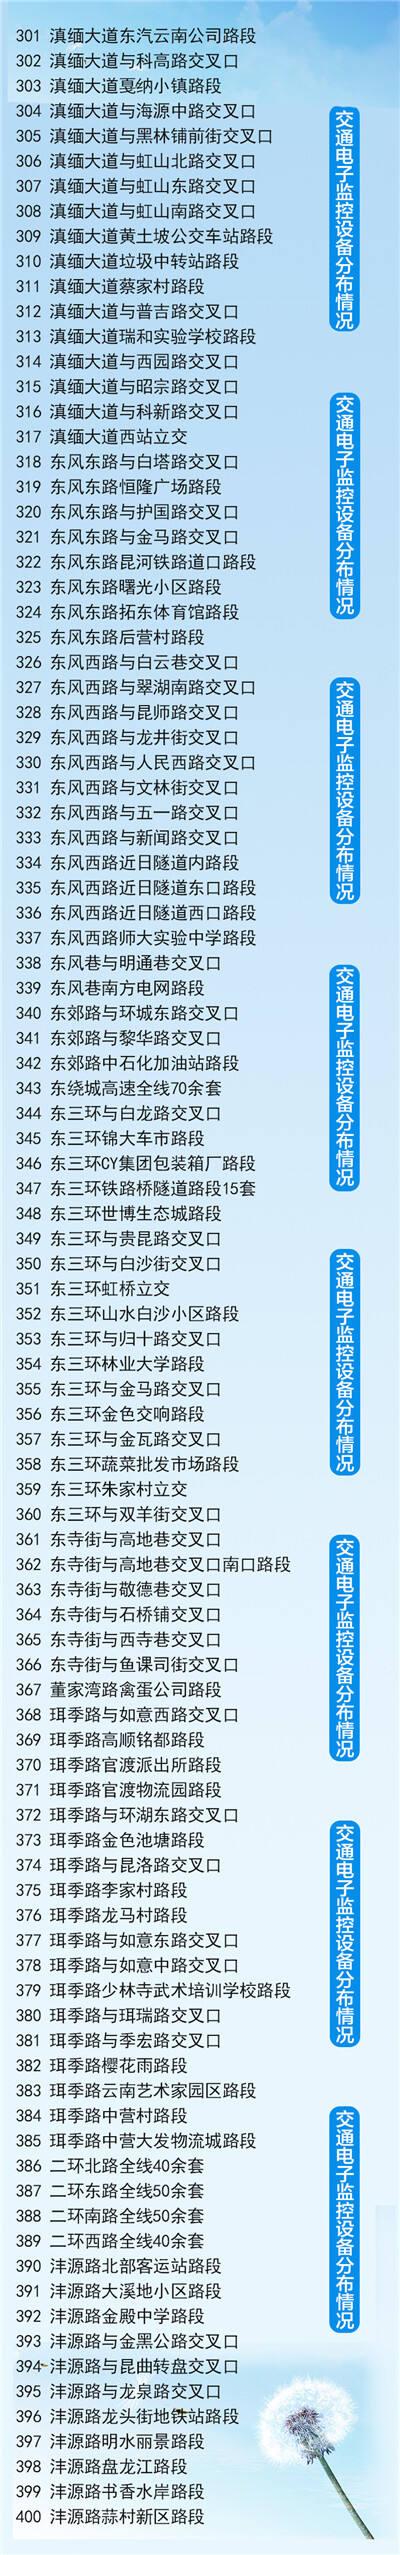 4_副本1.jpg